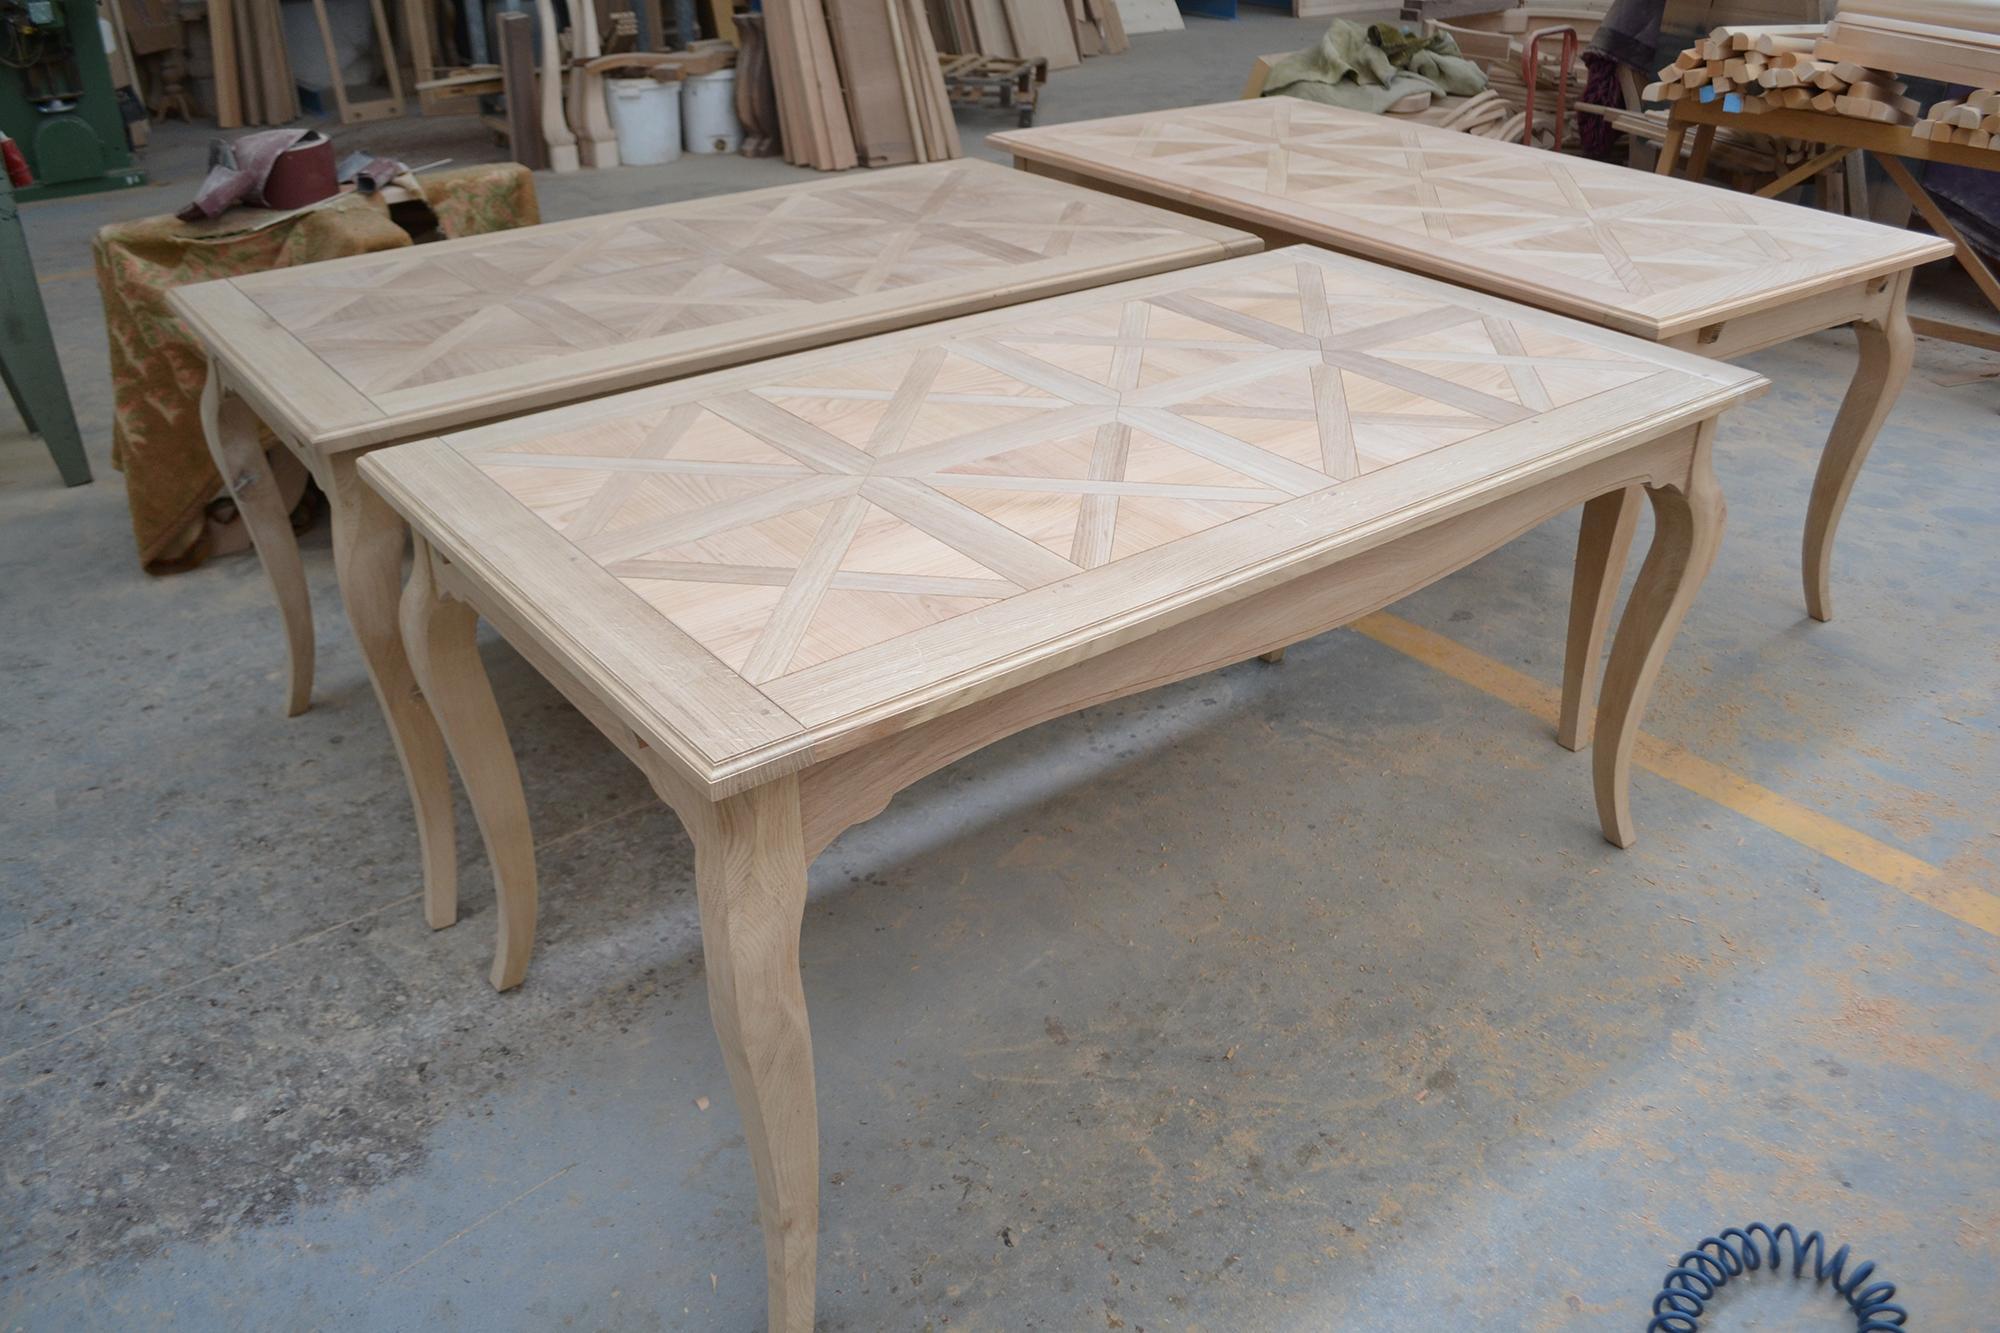 Tavoli in legno intarsiati - Tavoli da cucina in legno massello ...